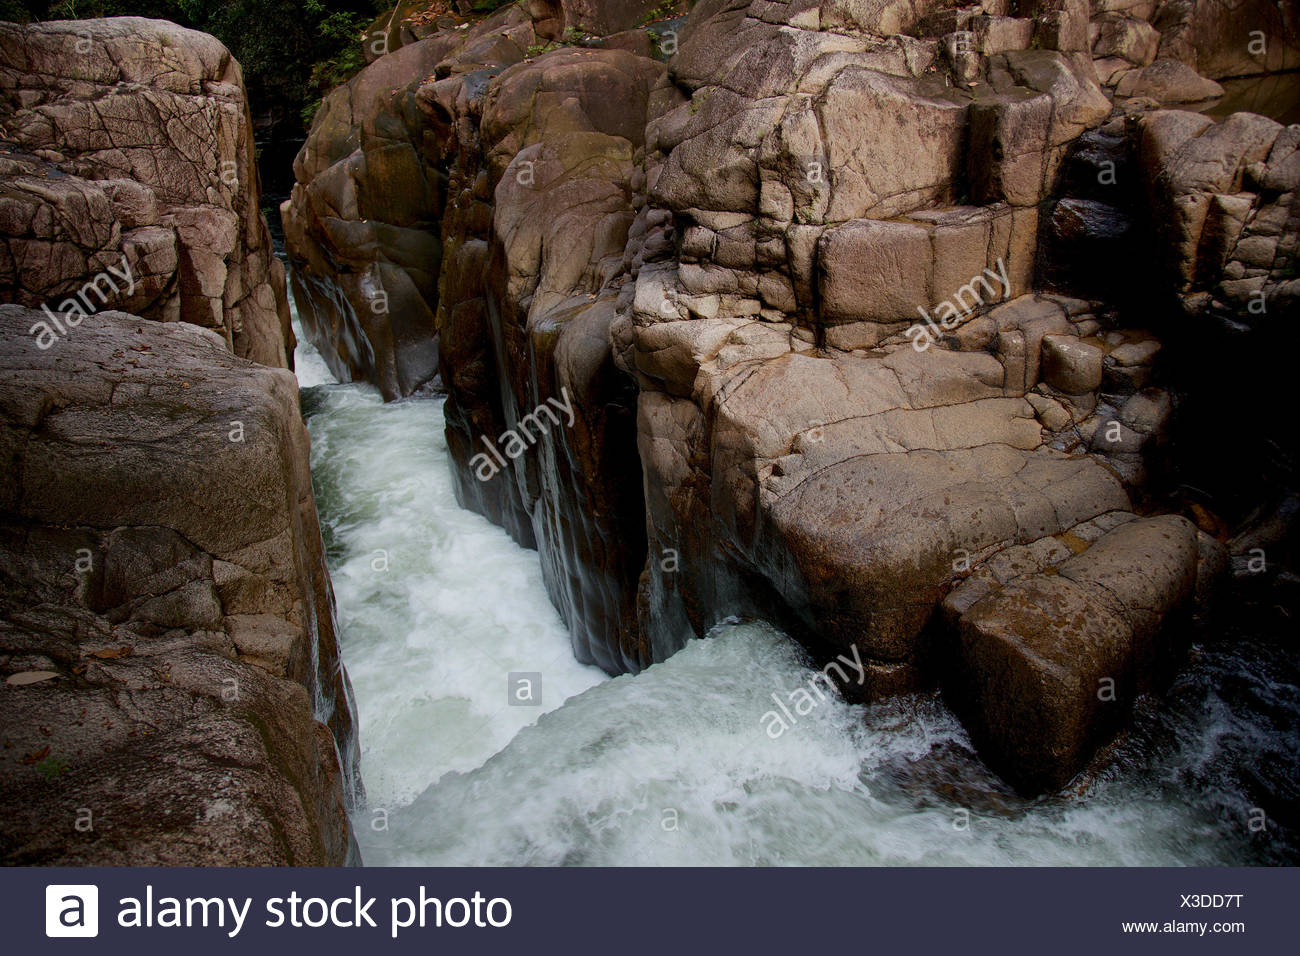 Parit Riam, ou le canal Falls, une chute d'emplacement inhabituel sur la partie supérieure de la rivière Siduk. Photo Stock